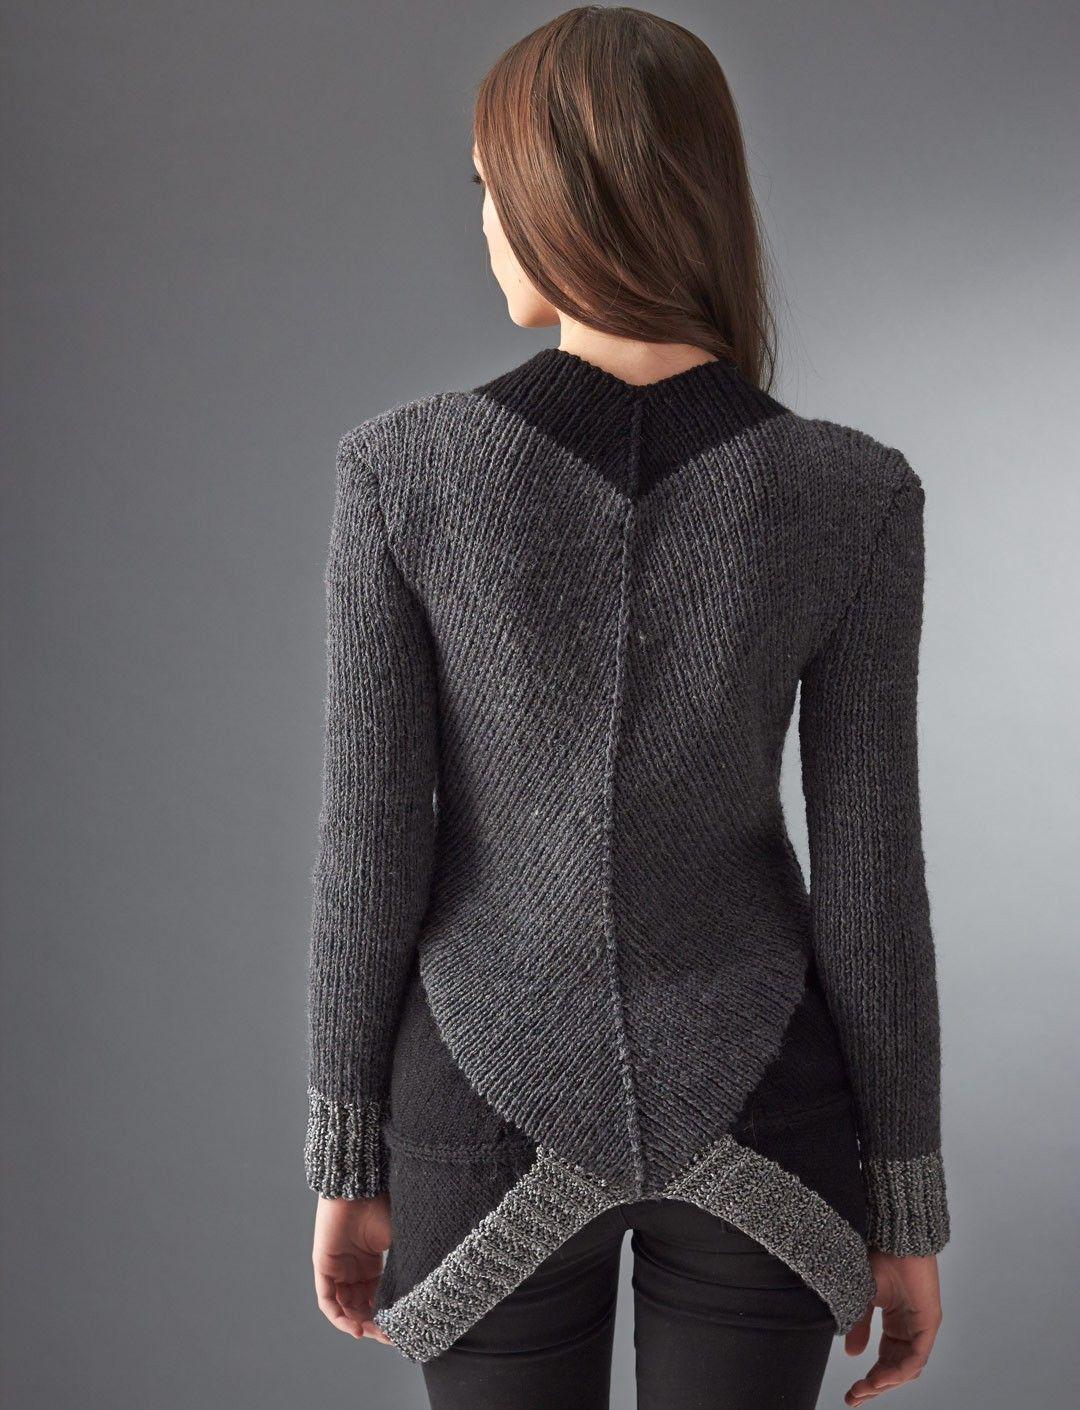 Distrito 12 del suéter - patrones que hacen punto - Patrones ...